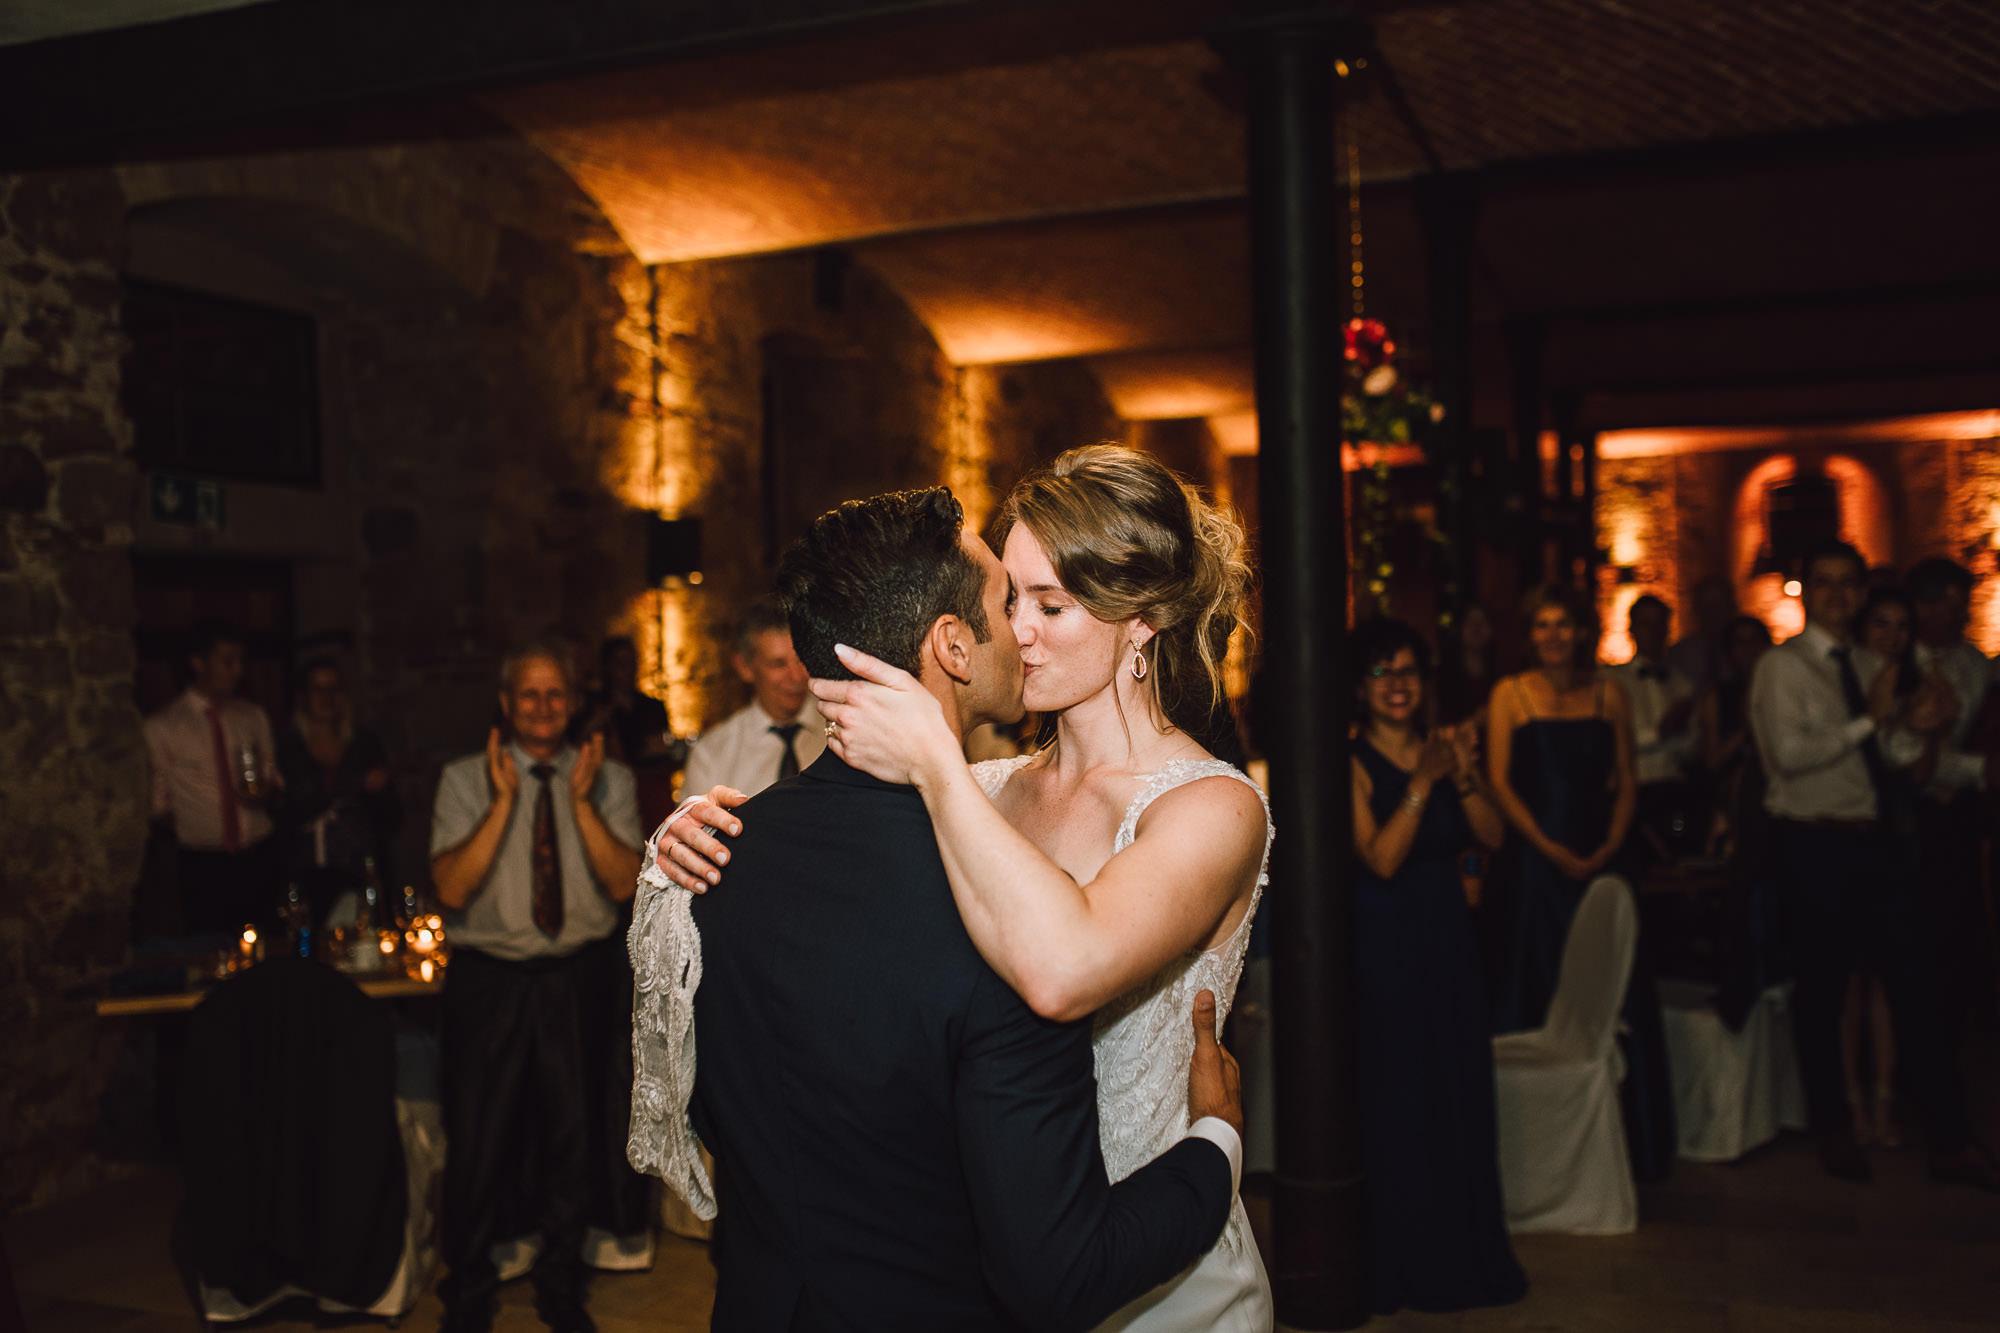 rustic-elegant-wedding-schloss-hochzeit-eyrichshof-franken-bamberg-139